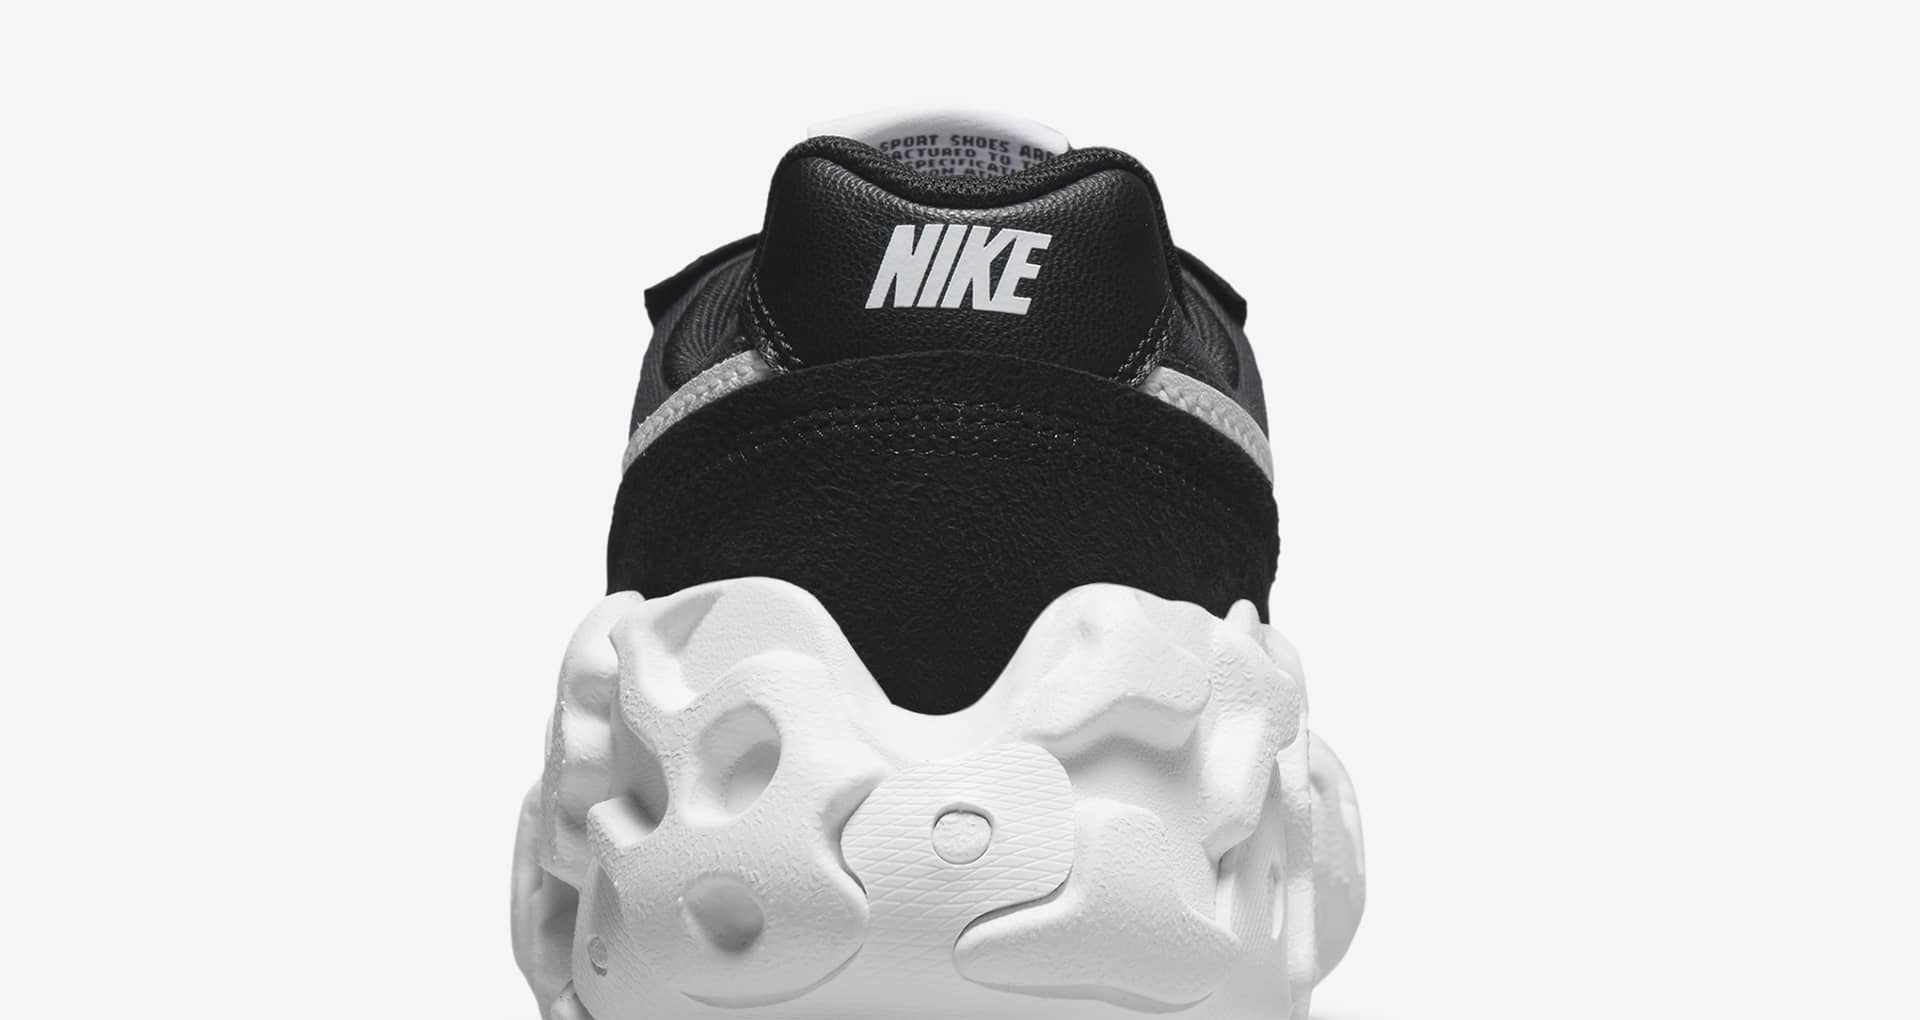 """ナイキ オーバーブレイク """"ブラック アンド ホワイト"""" nike-overbreak-2-colors-black-and-white-dc3041-002-heel-closeup"""